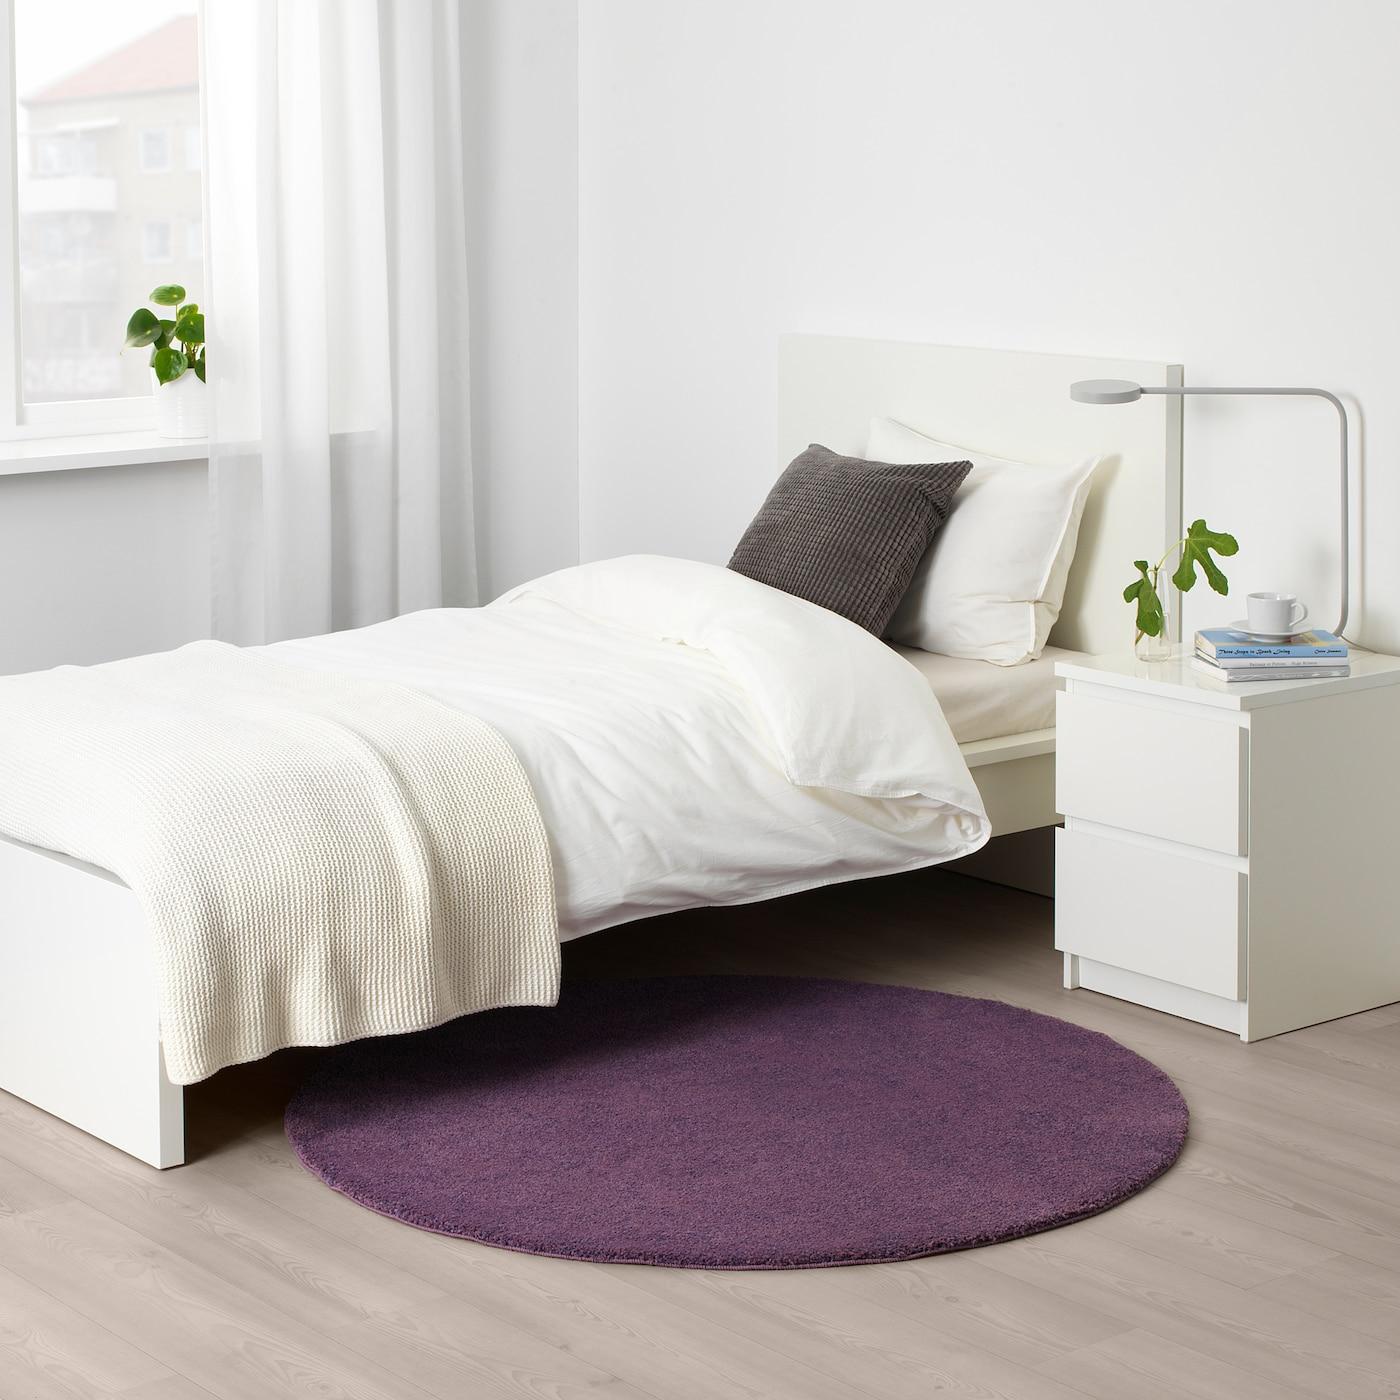 Stoense Teppich Kurzflor Lila Heute Noch Kaufen Ikea Osterreich